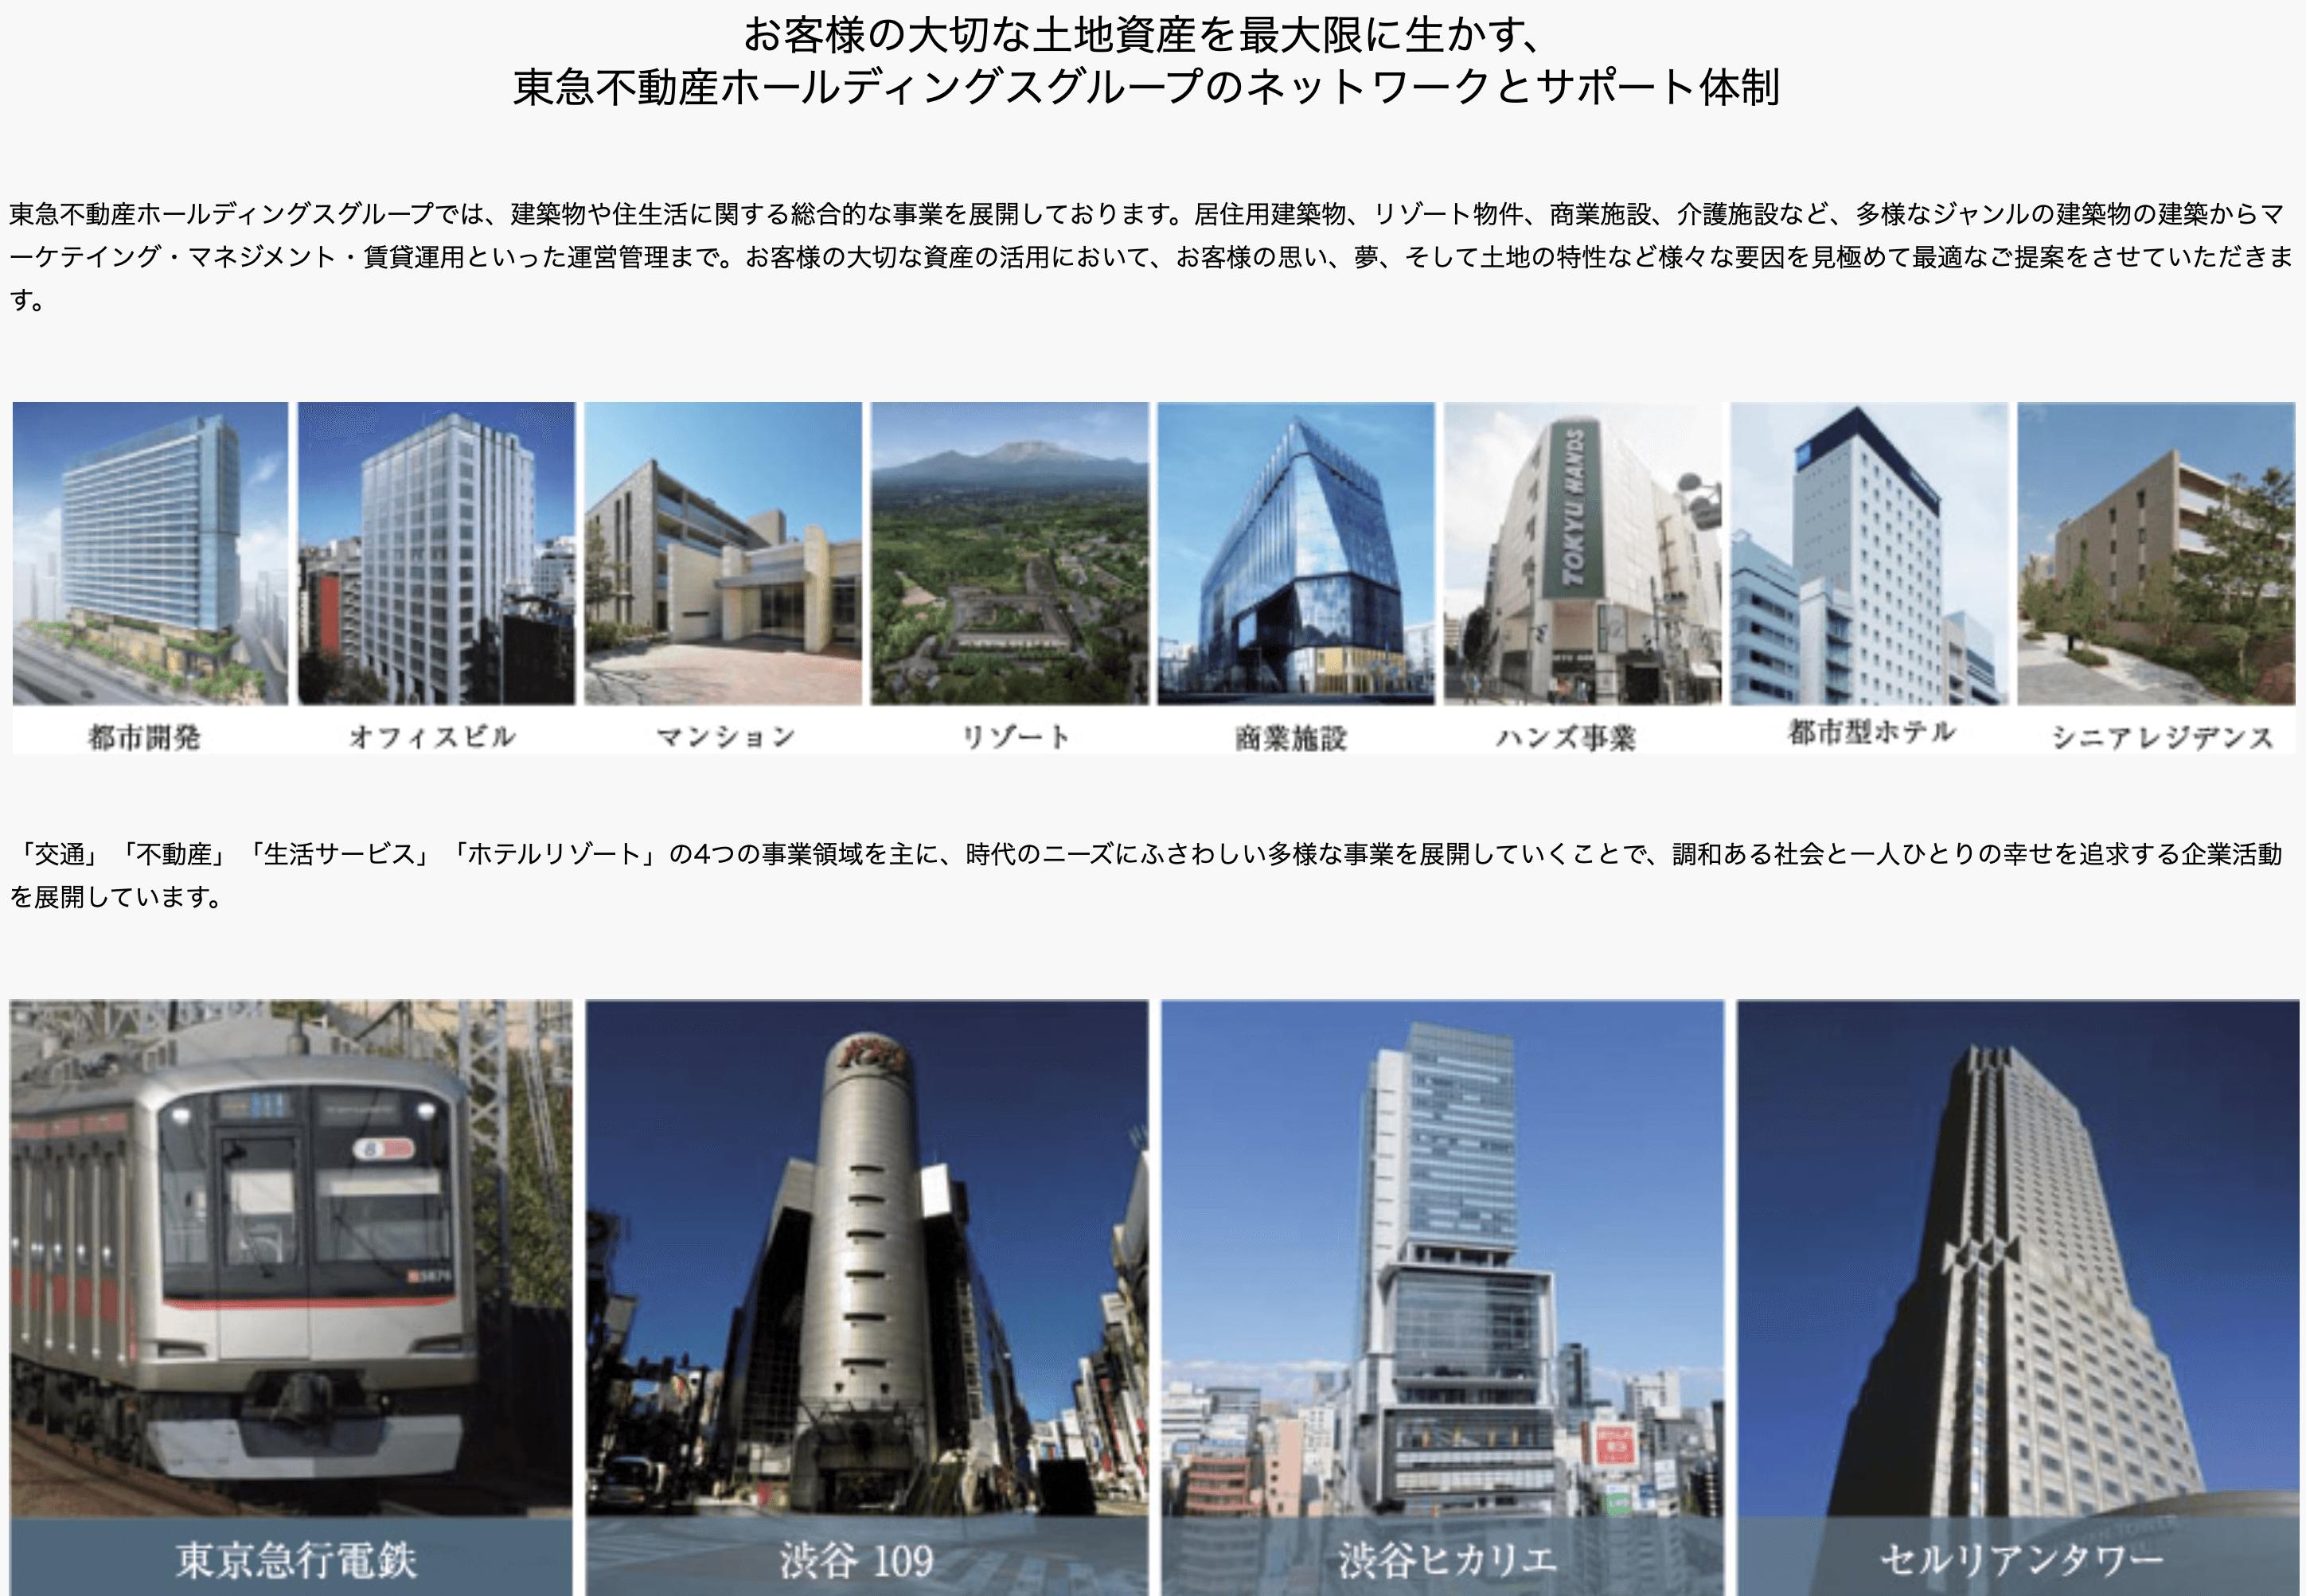 東急グループの事業